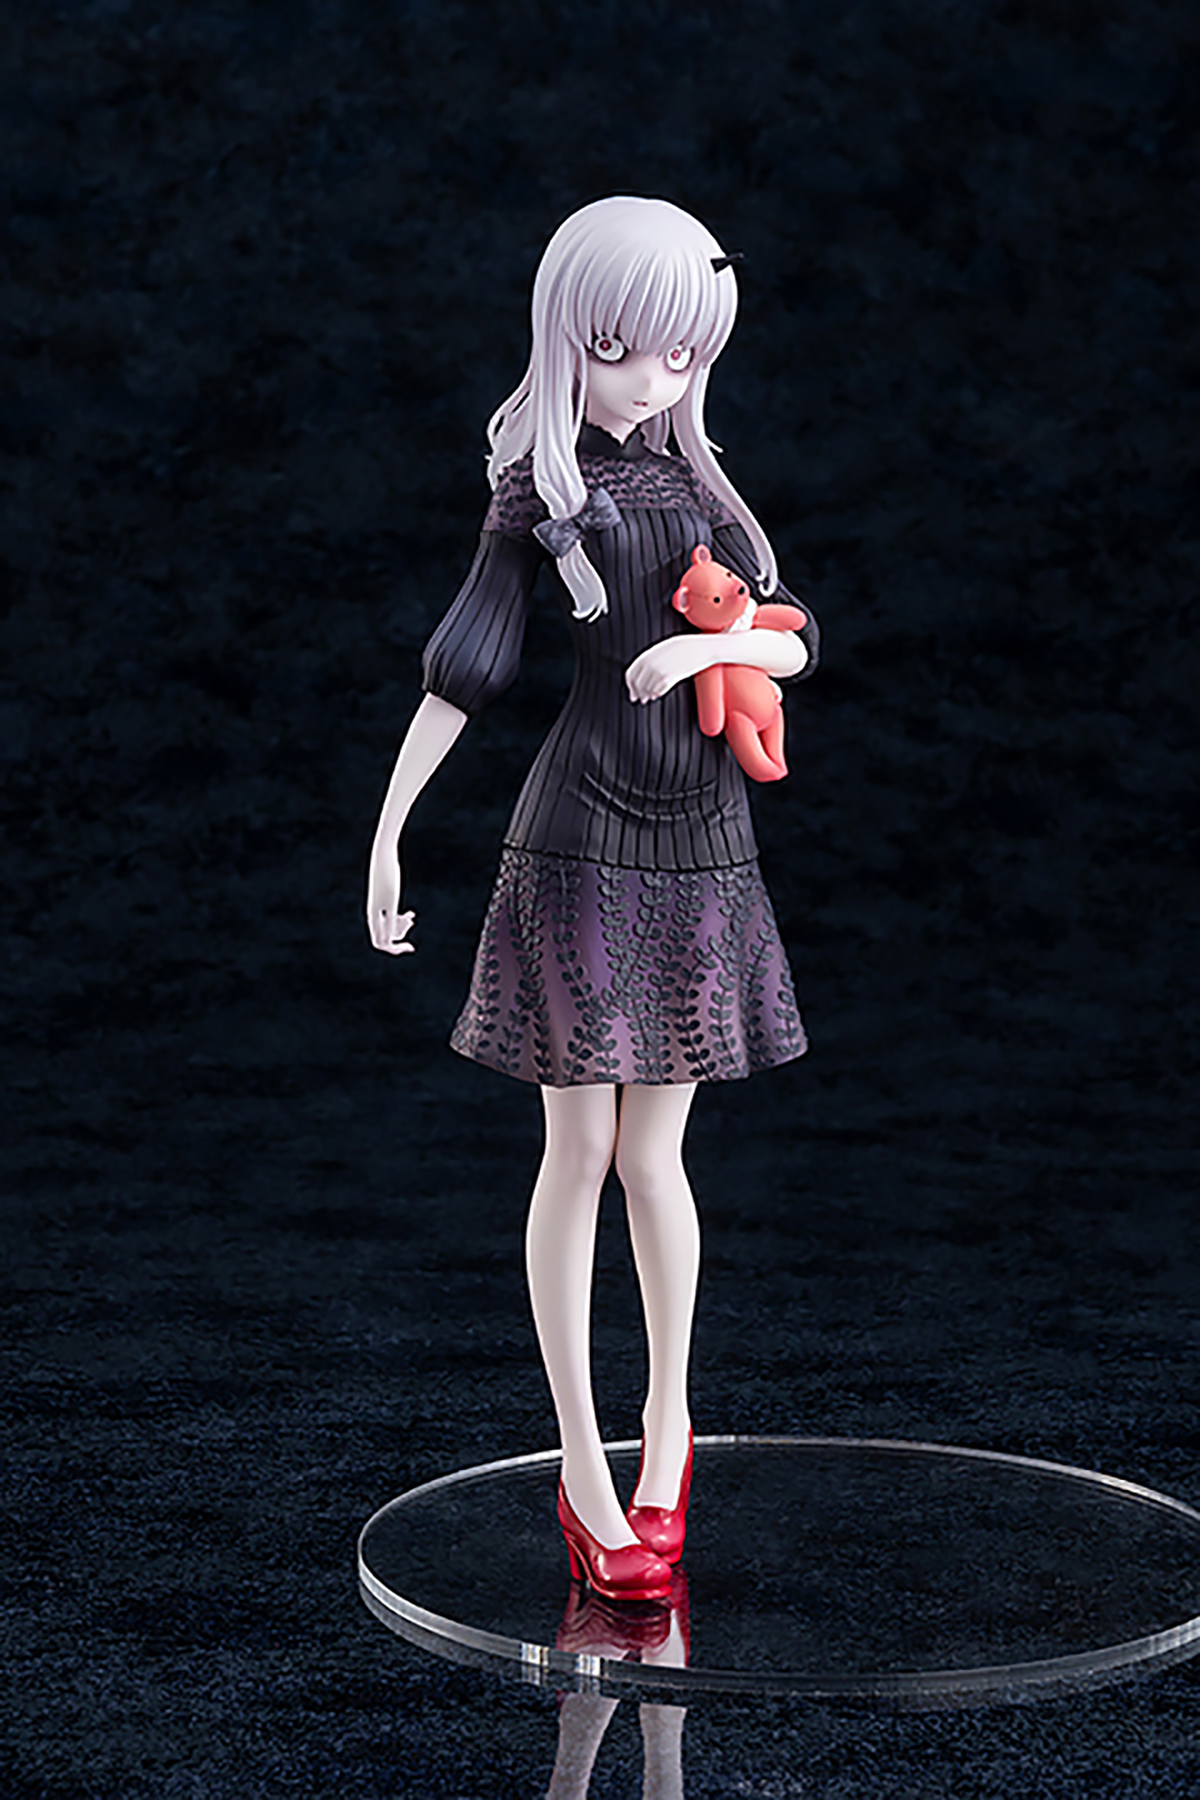 【限定販売】Fate/Grand Order『フォーリナー/アビゲイル・ウィリアムズ&ラヴィニア・ウェイトリー セット』1/7 完成品フィギュア-010